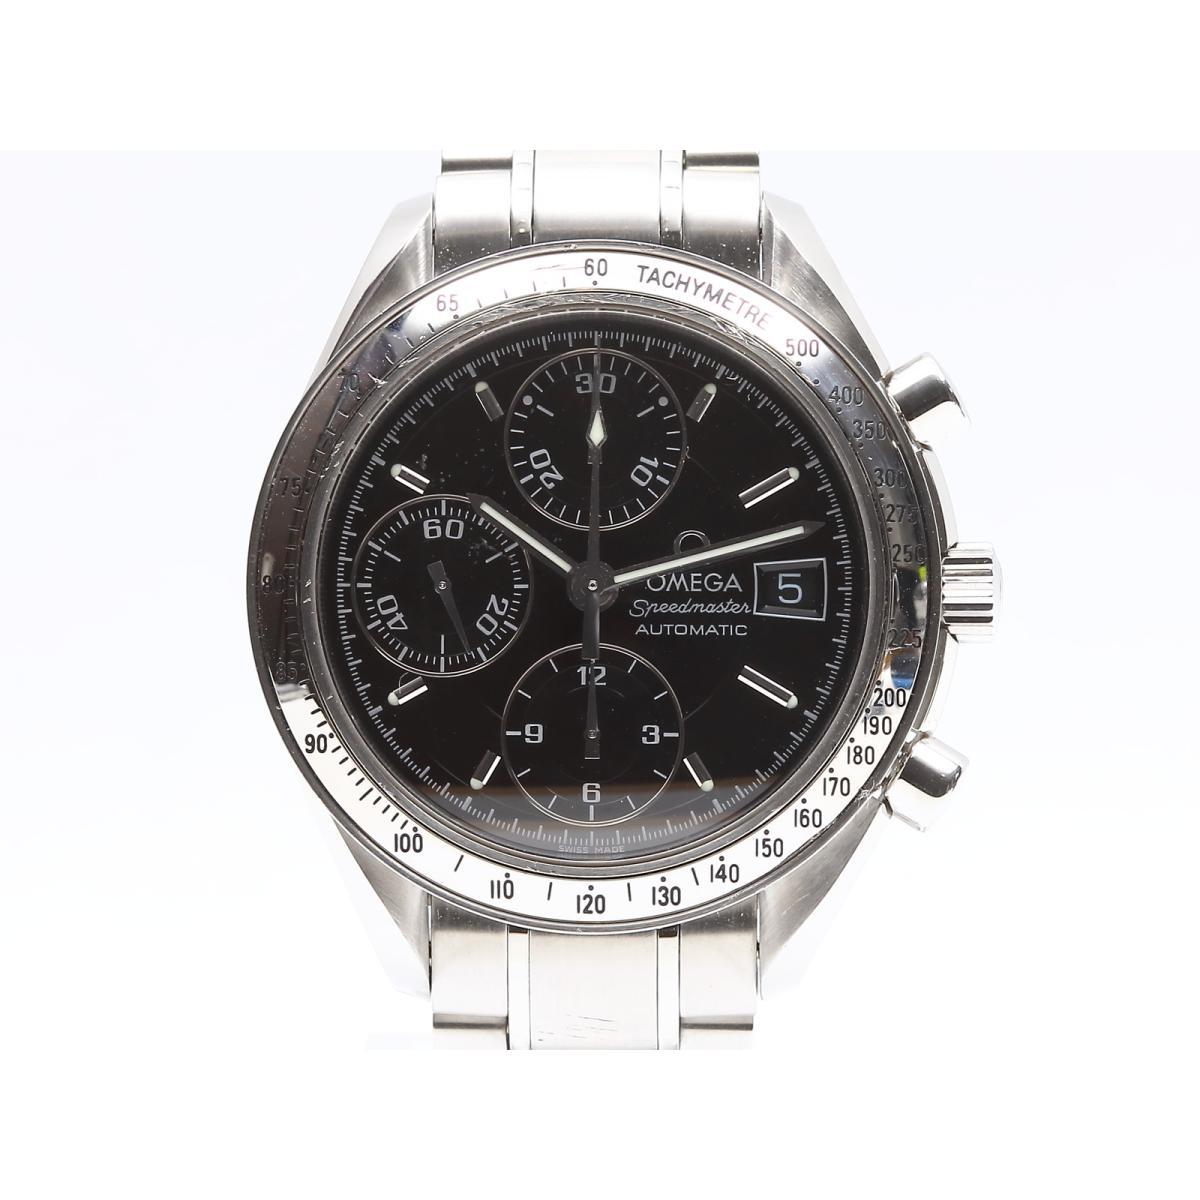 ≪期間限定≫メルマガ登録でクーポンGET! 【中古】 オメガ スピードマスター ウォッチ 腕時計 メンズ ステンレススチール (SS) (351350) | OMEGA BRANDOFF ブランドオフ ブランド ブランド時計 ブランド腕時計 時計